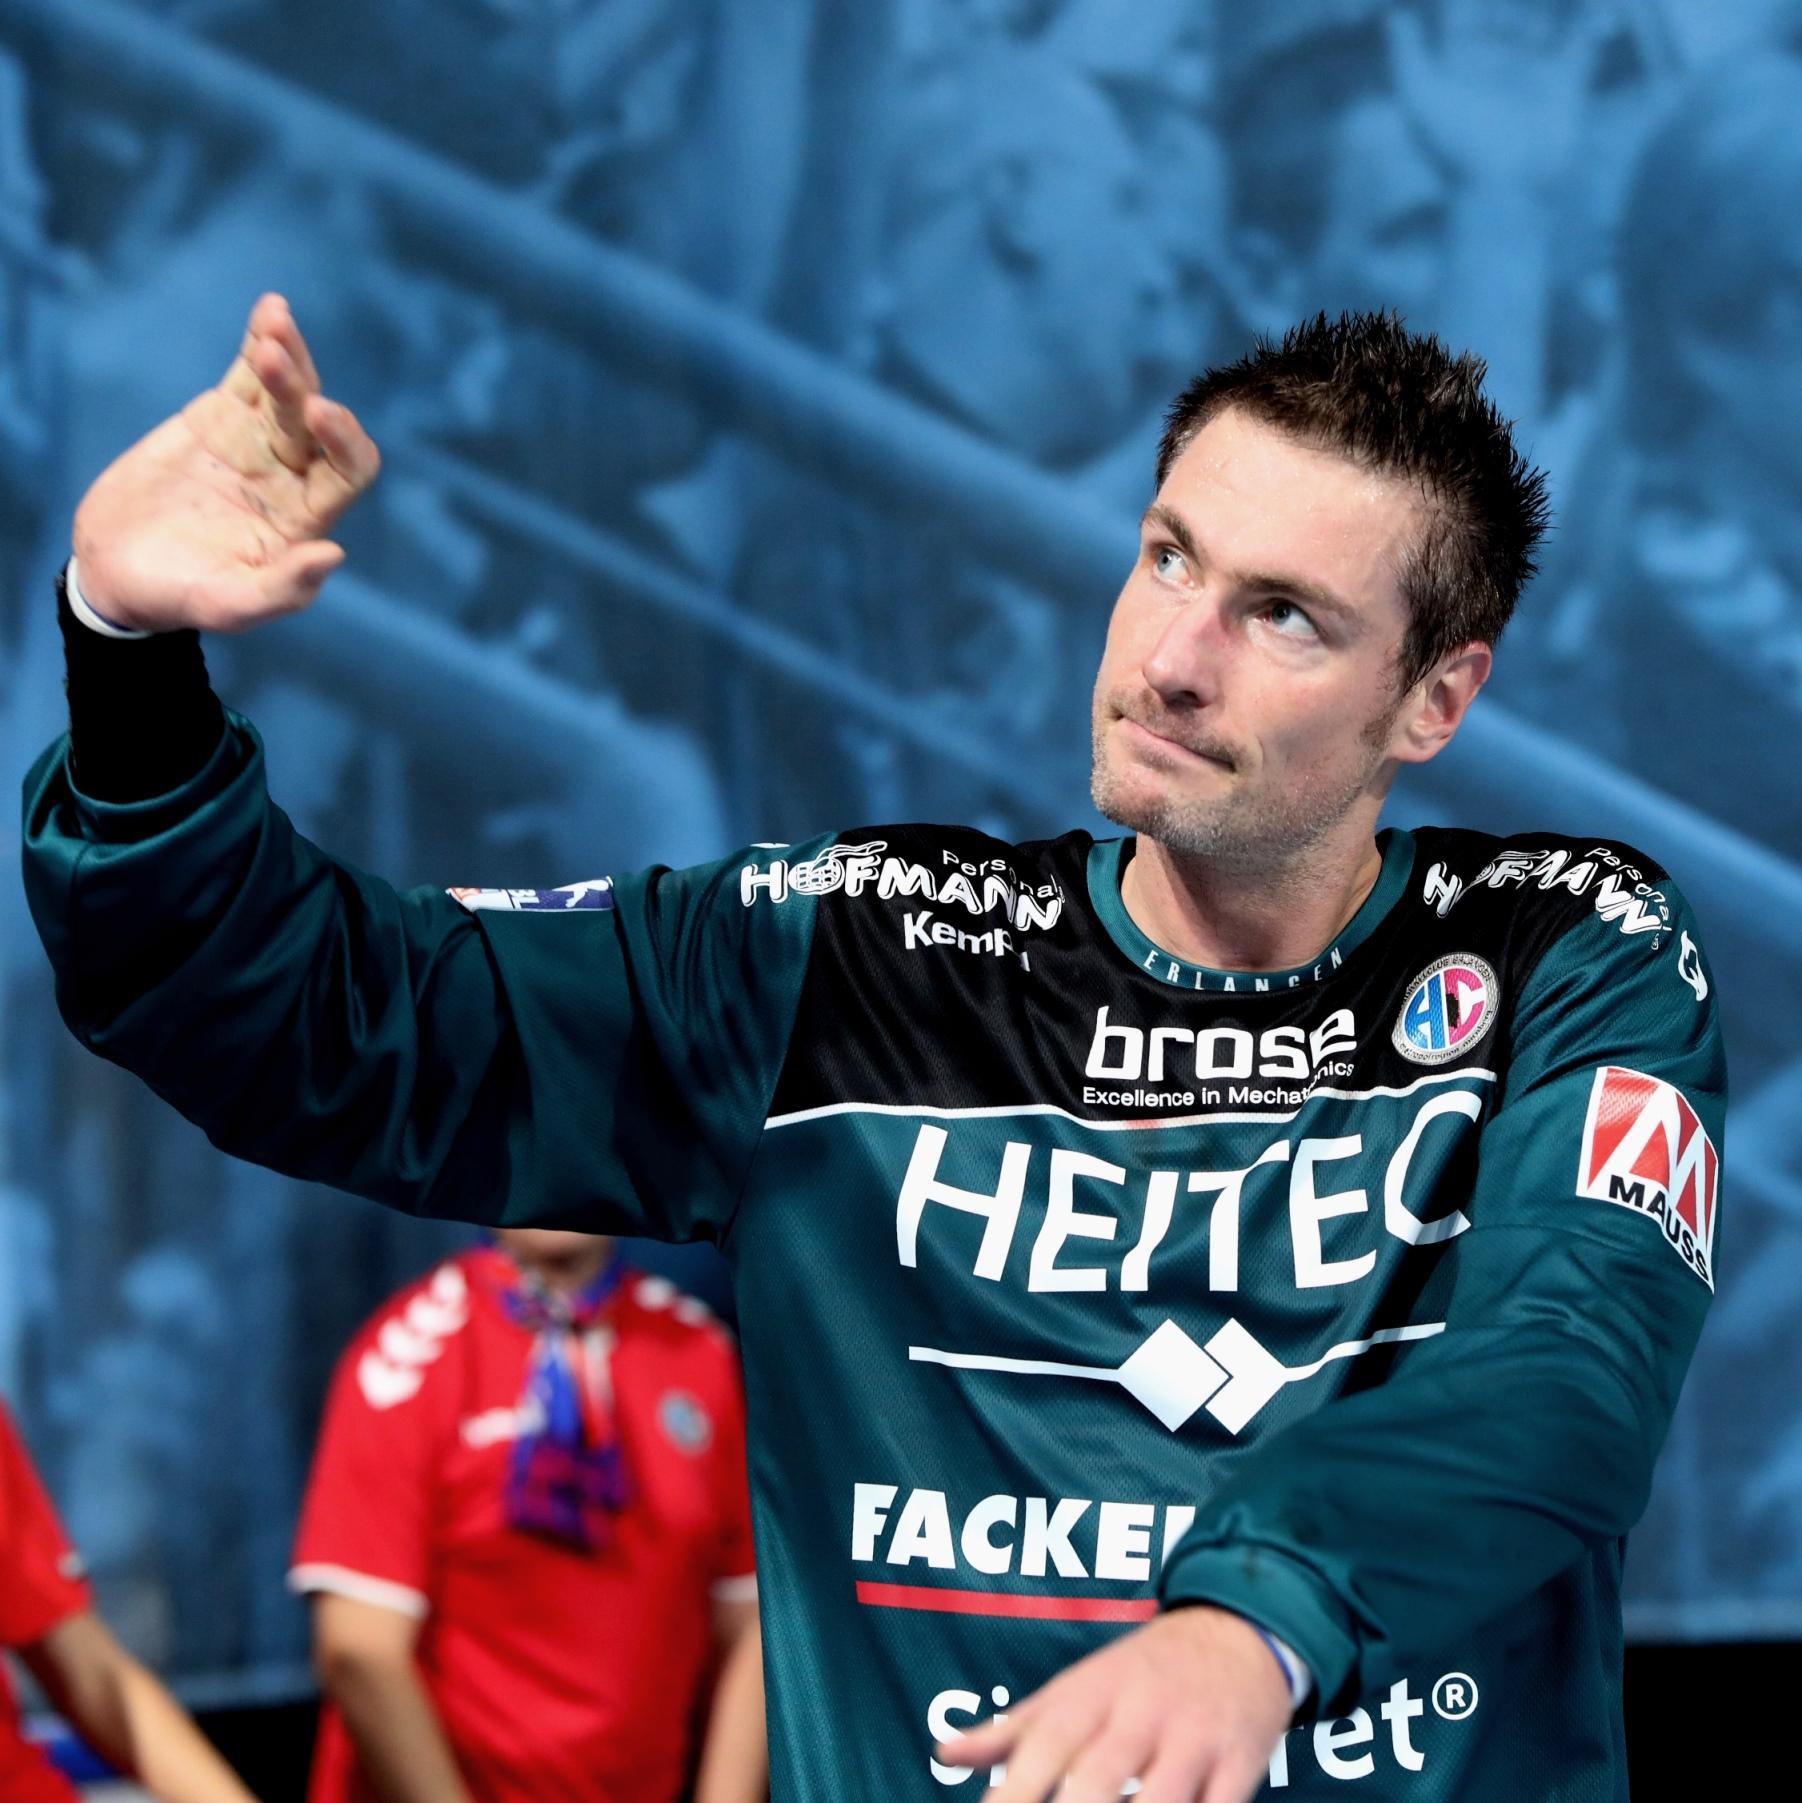 (Jocki_Foto, Erlangen): Carsten Lichtlein verlässt im Sommer den HC Erlangen